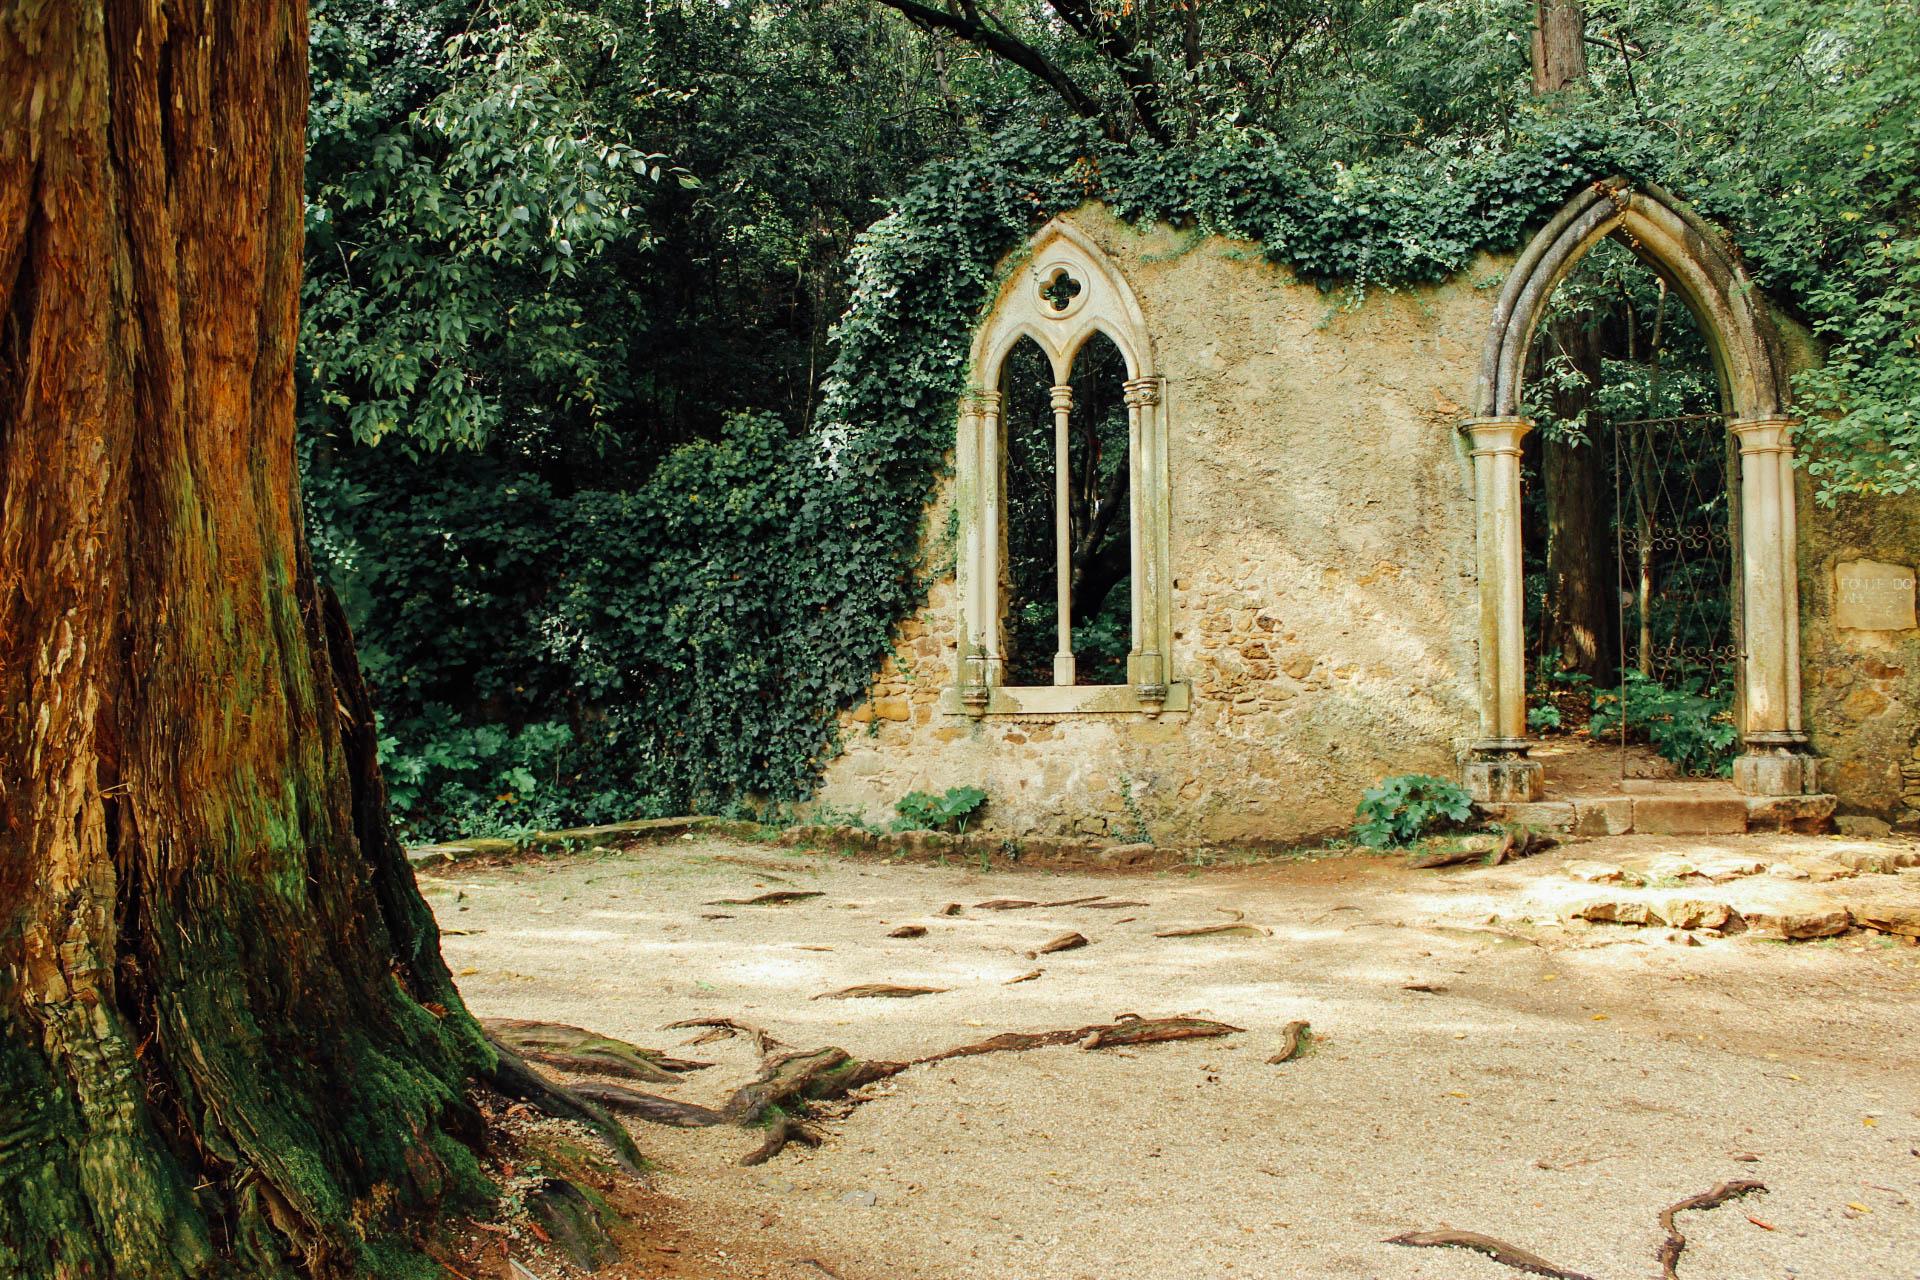 Jardim Quinta das Lágrimas (Estate of Tears Garden) Coimbra